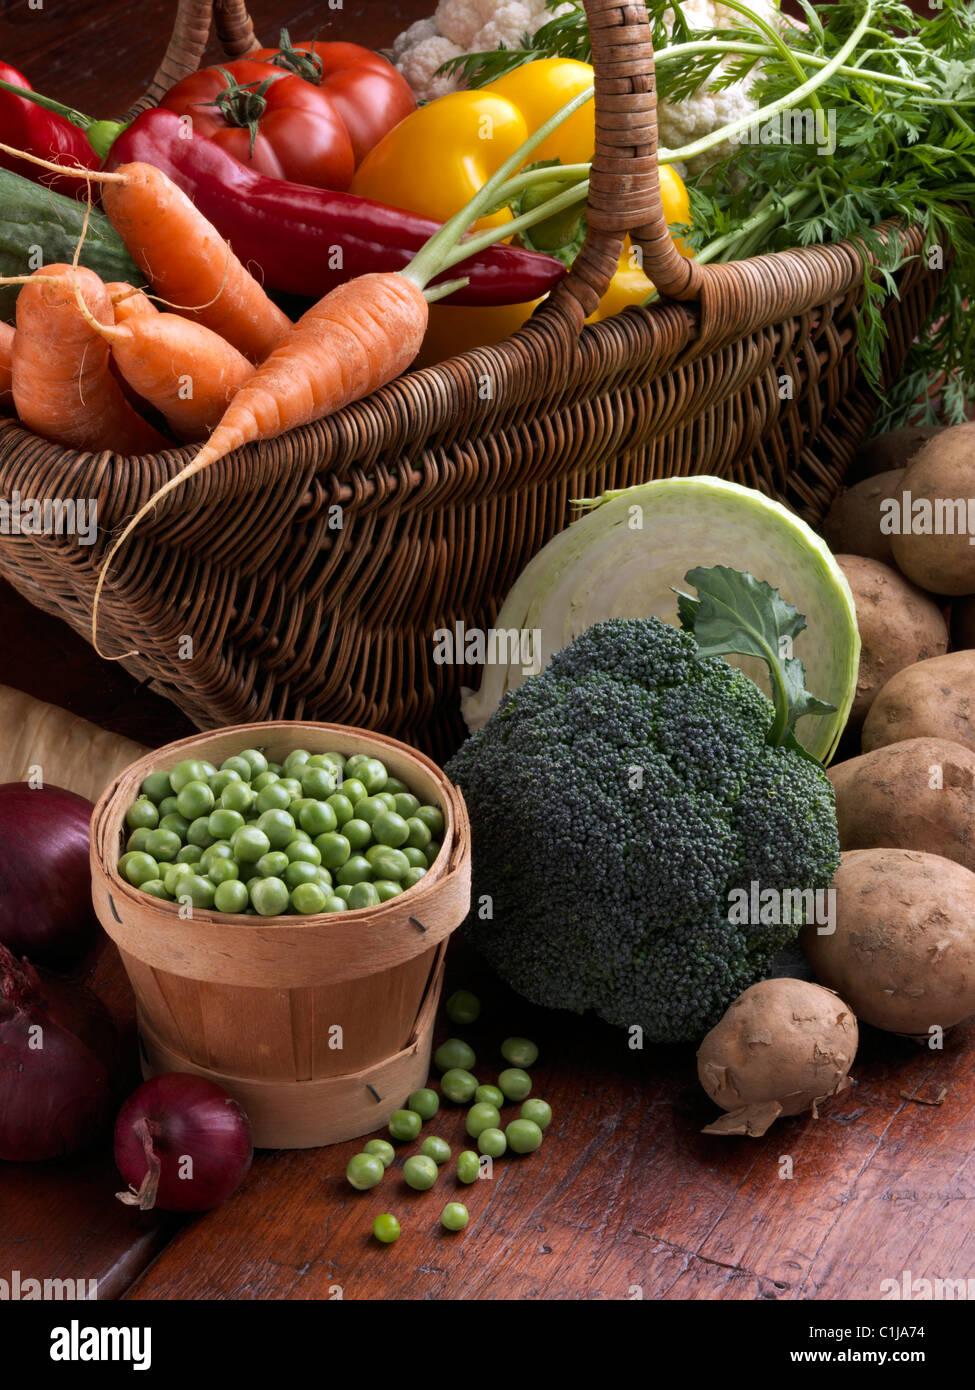 Cesto in Vimini verdure crude pomodori rossi dolci peperoni gialli carote piselli cavolfiore pastinaca broccoli Immagini Stock